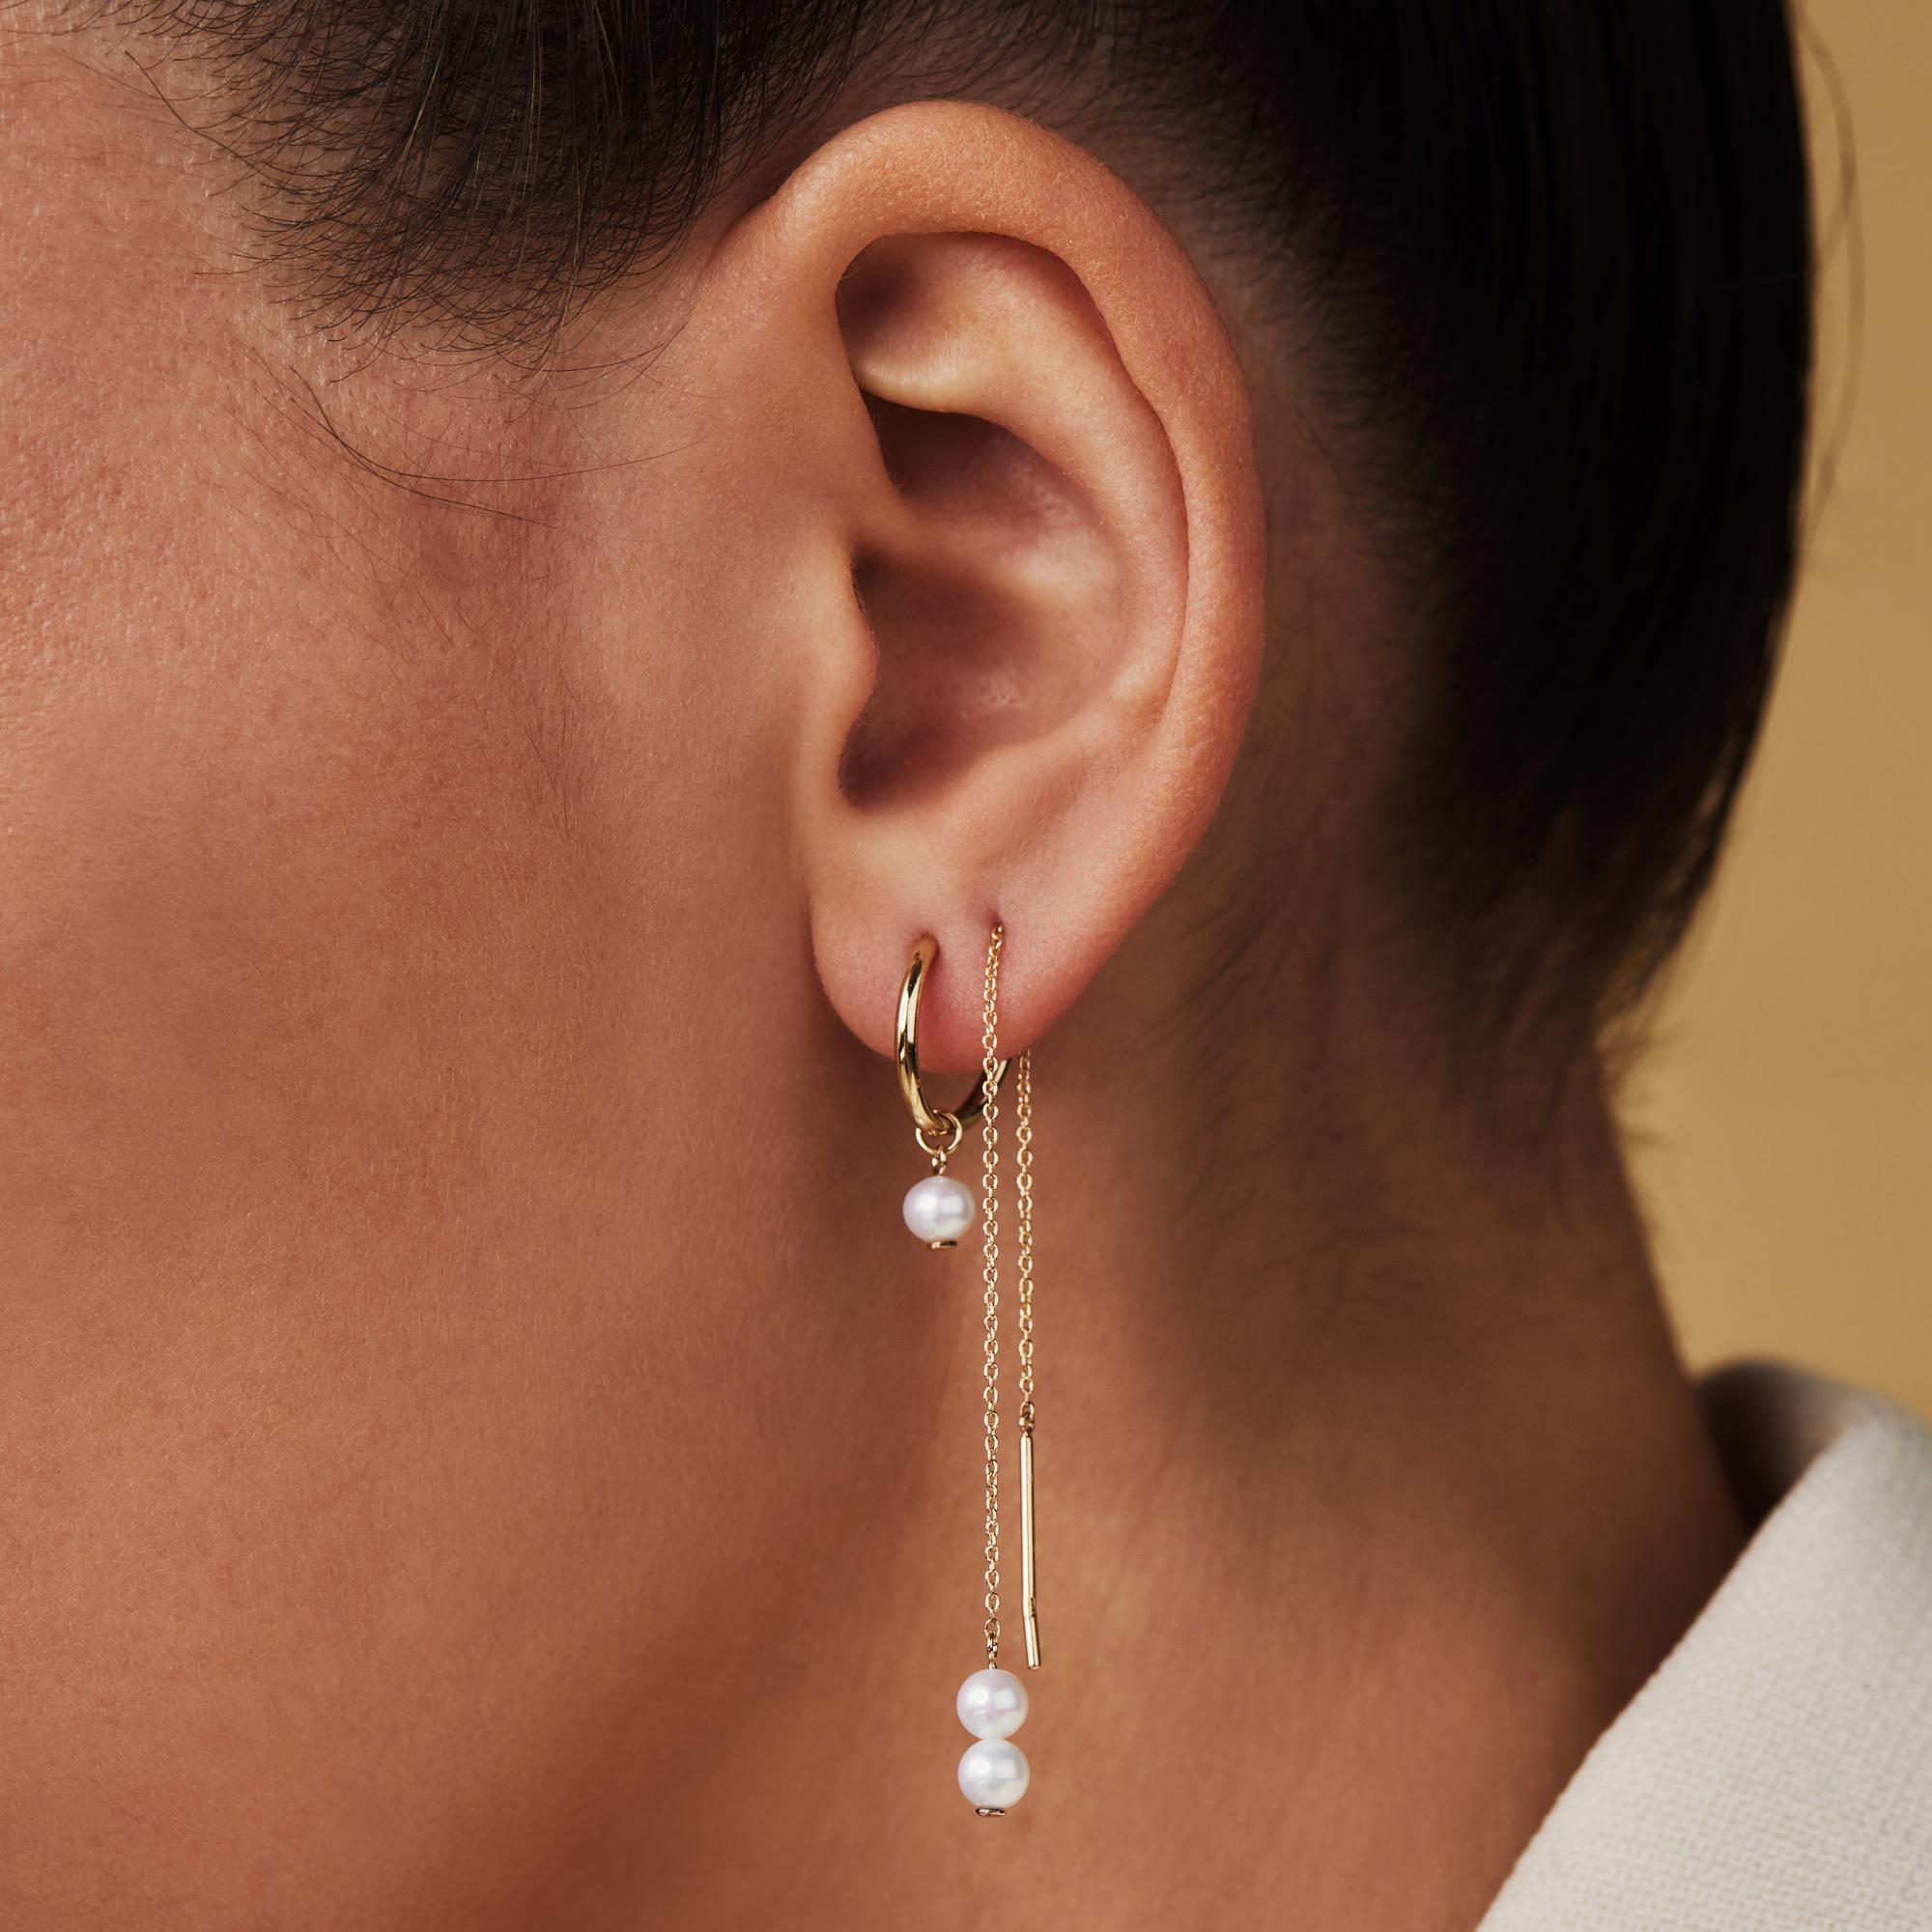 Isabel Bernard Belleville Luna 14 karaat gouden oorbellen met zoetwaterparel